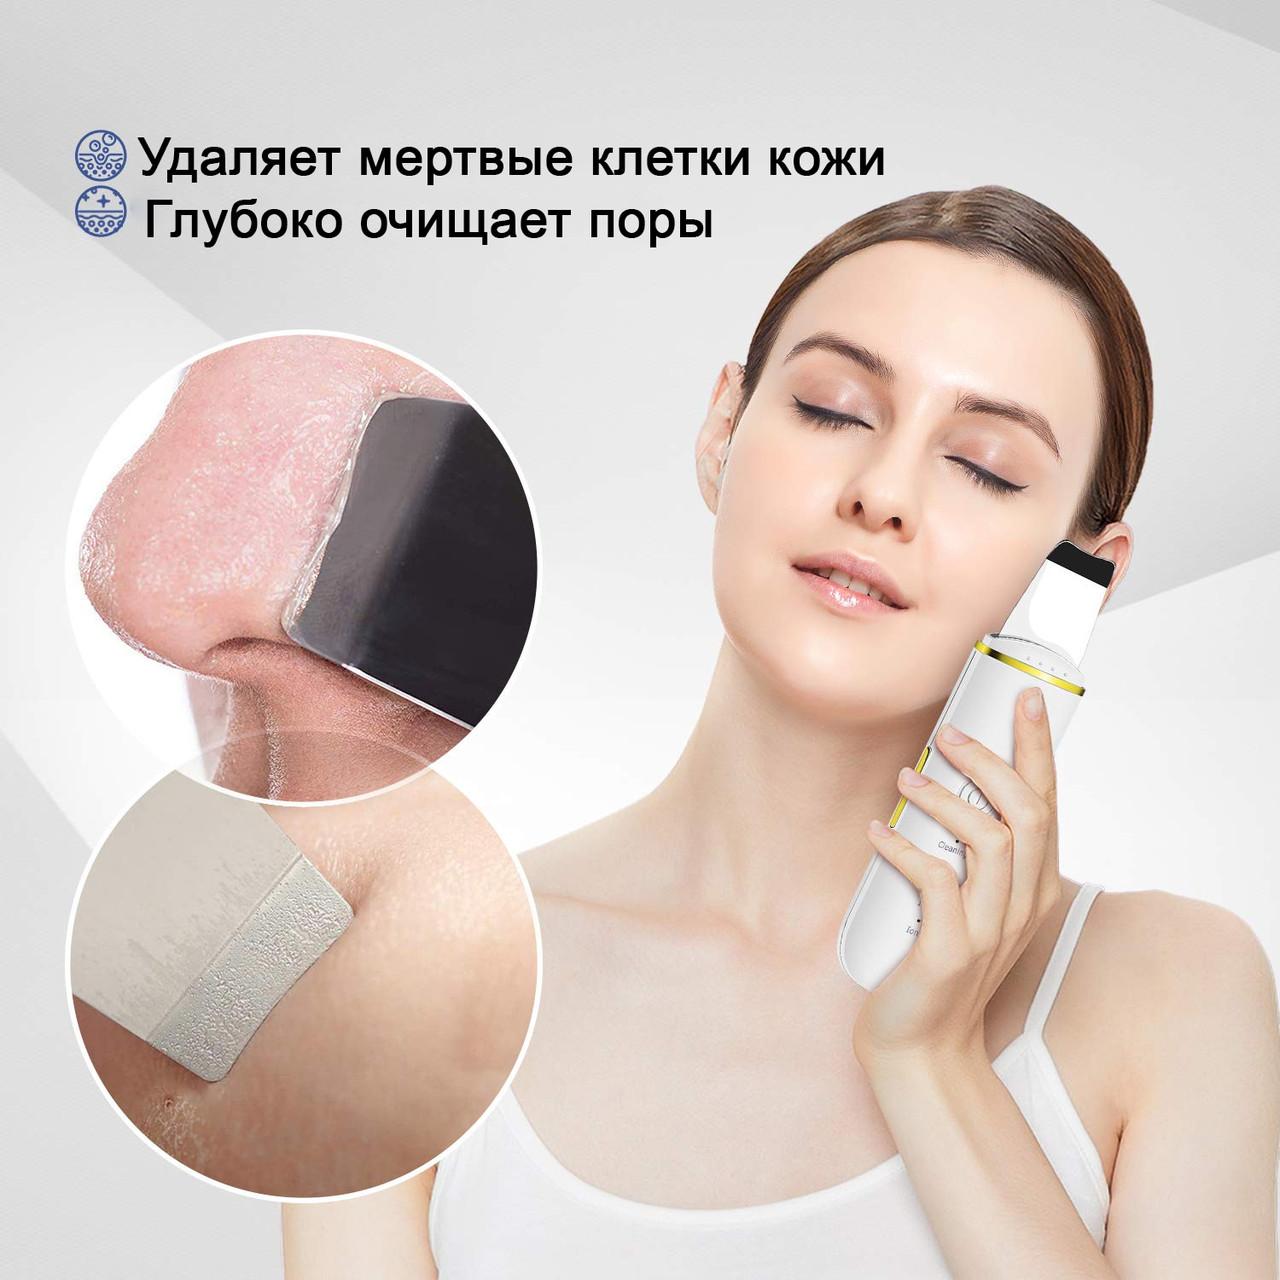 Портативный ультразвуковой скрабер для лица - ультразвуковой аппарат для чистки лица - портативный скрабер, фото 3